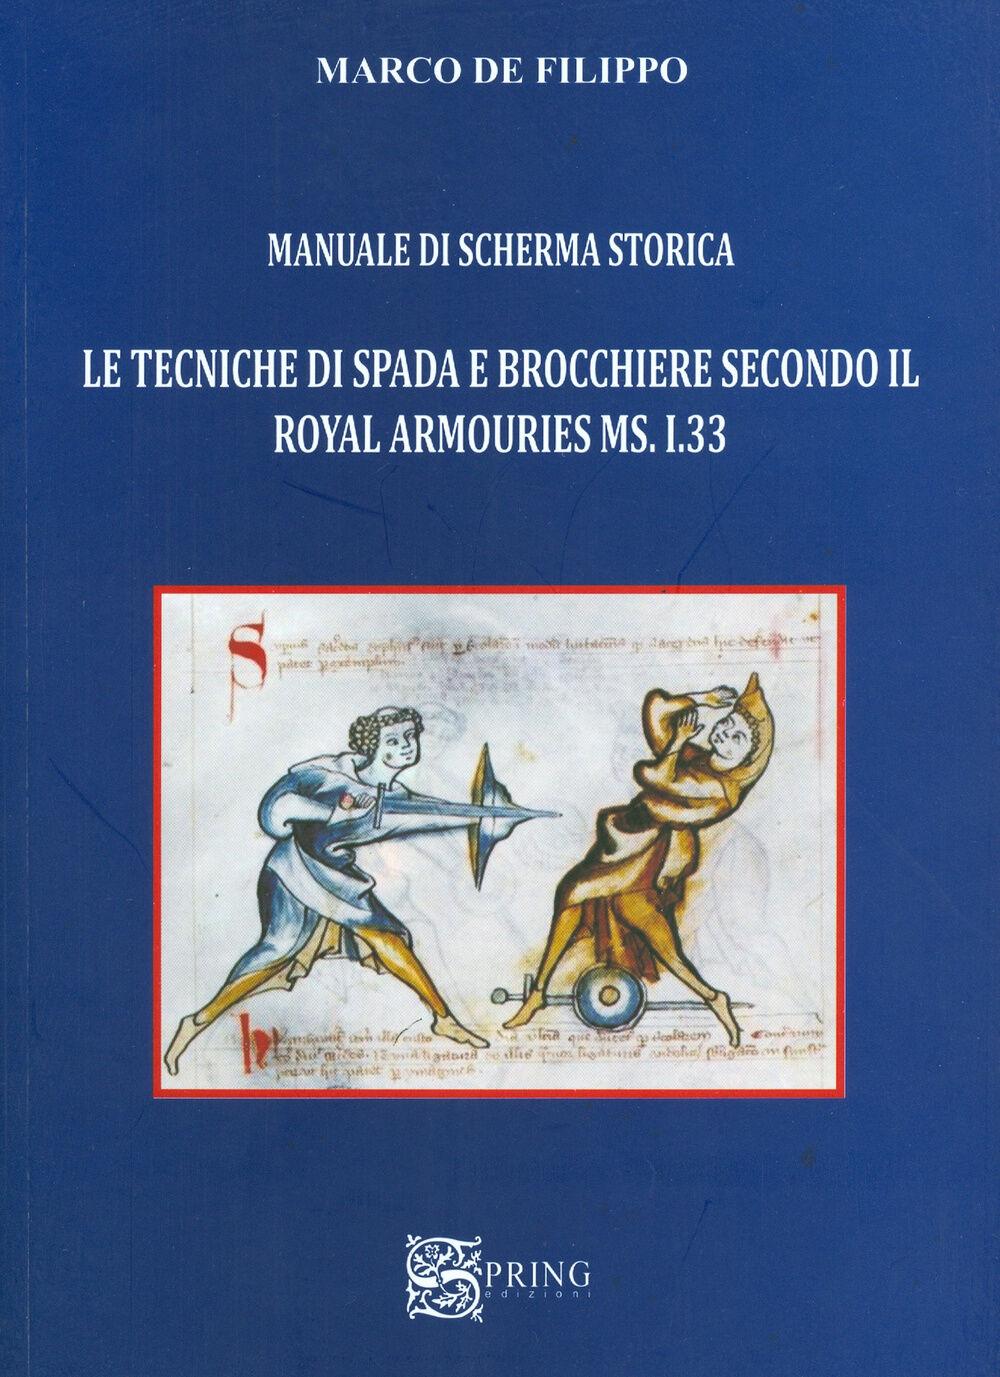 Manuale di scherma storica. Le tecniche di spada e brocchiere secondo il Royal Armouries ms. I.33